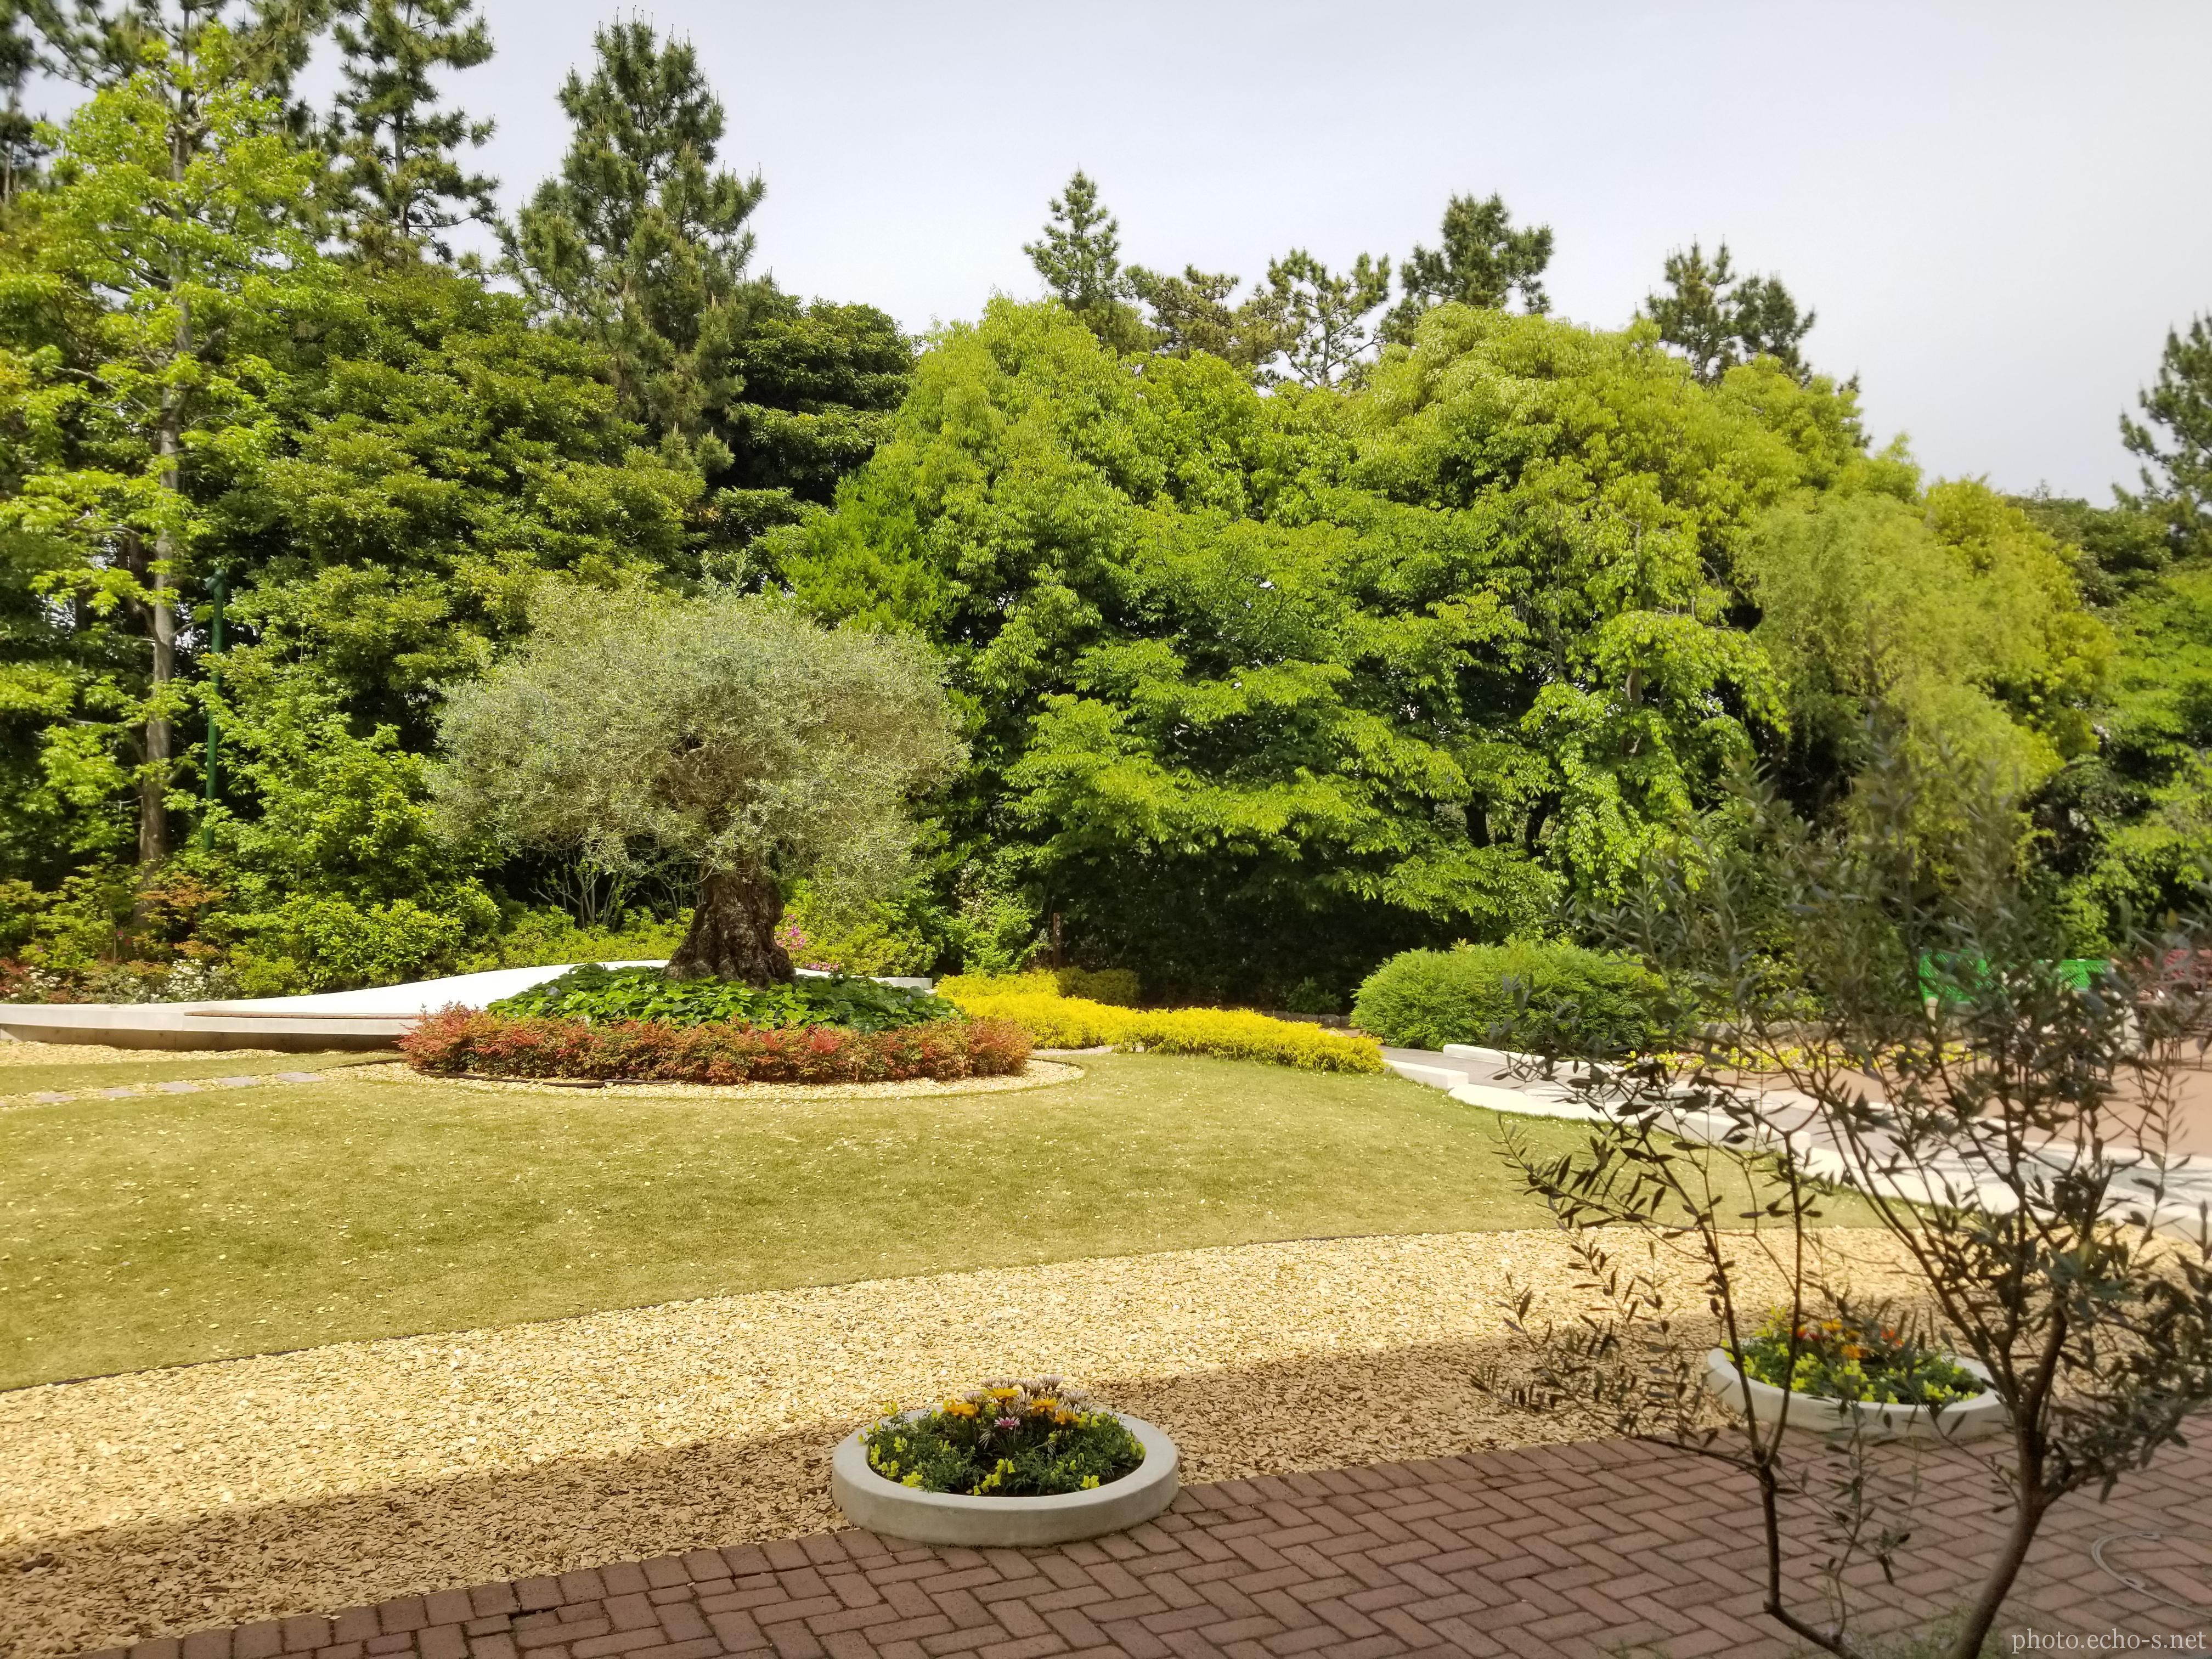 舞浜 イクスピアリ ガーデン・サイト オリーブと噴水の広場